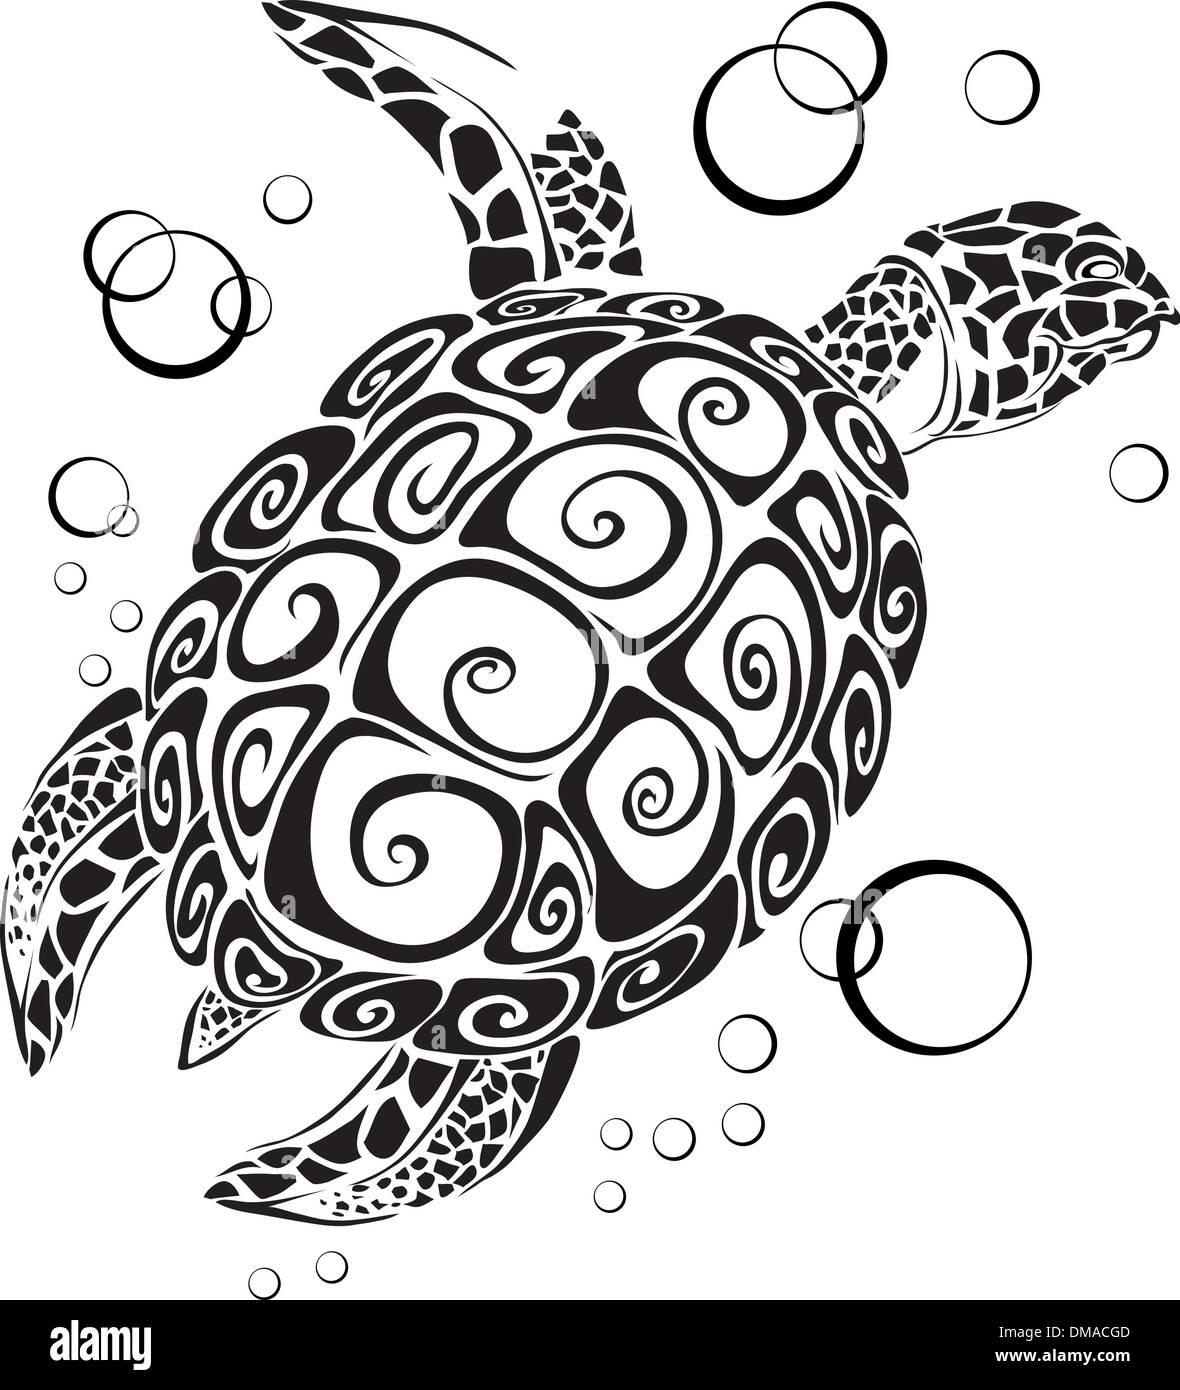 Tatuaje De Tortuga Imágenes De Stock Tatuaje De Tortuga Fotos De